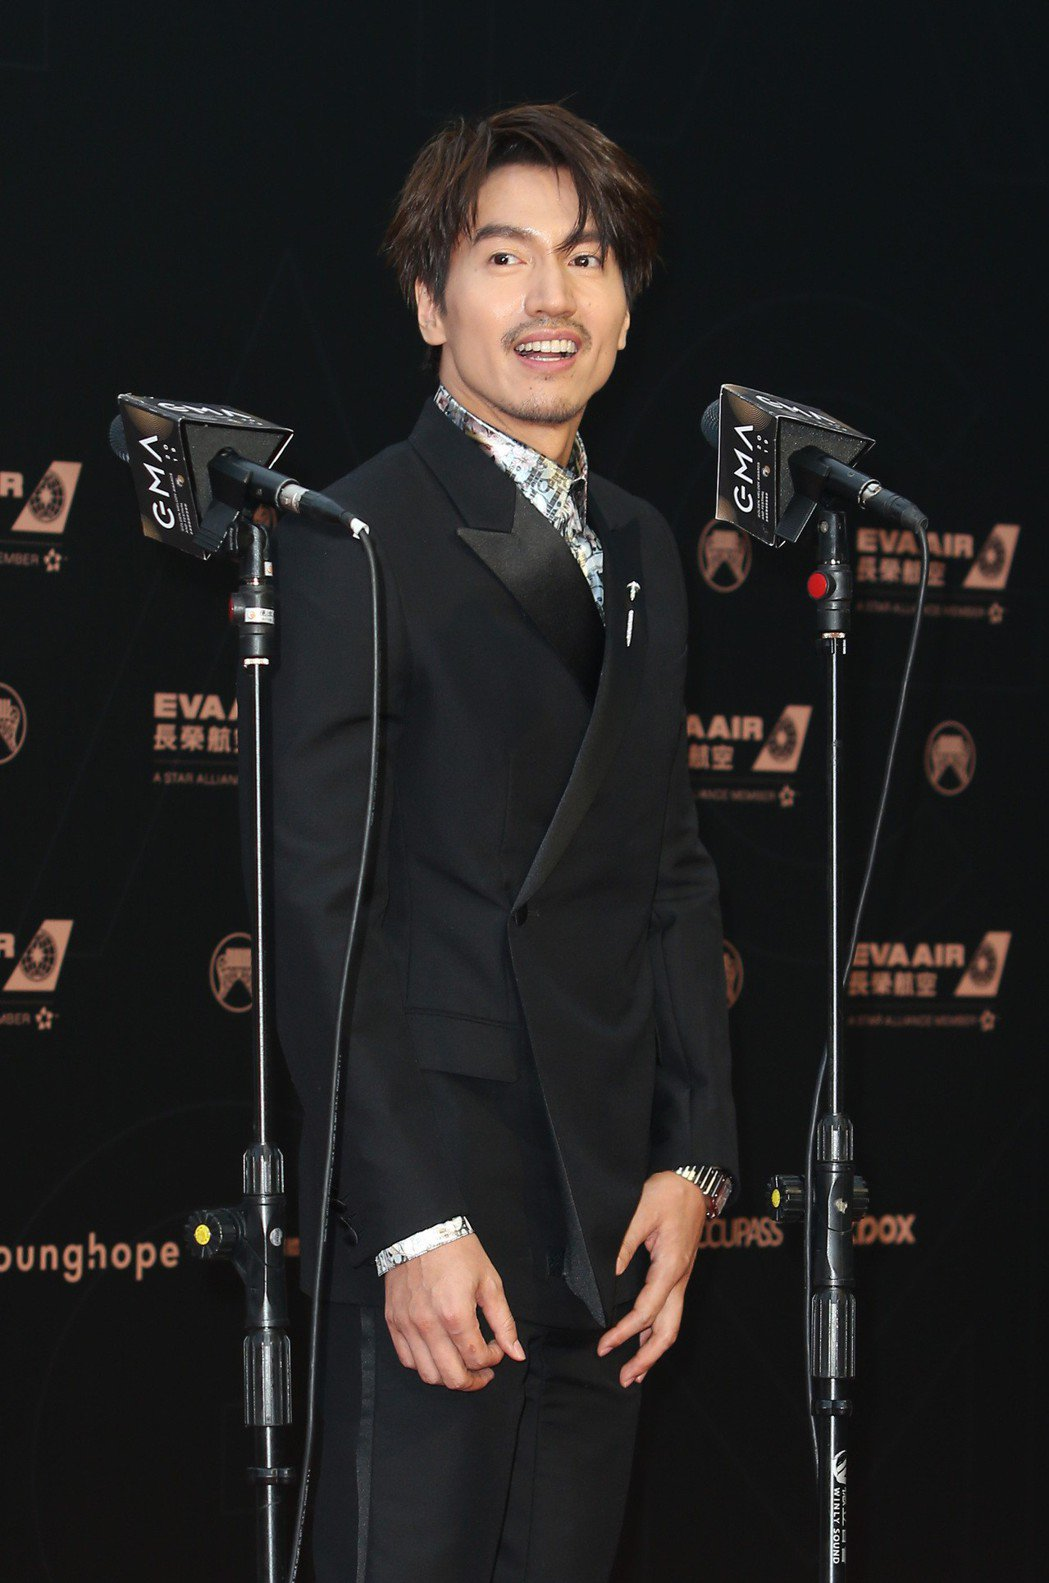 言承旭是本屆金曲獎頒獎典禮最受矚目嘉賓之一,卻不接受媒體聯訪,默默進入會場。記者